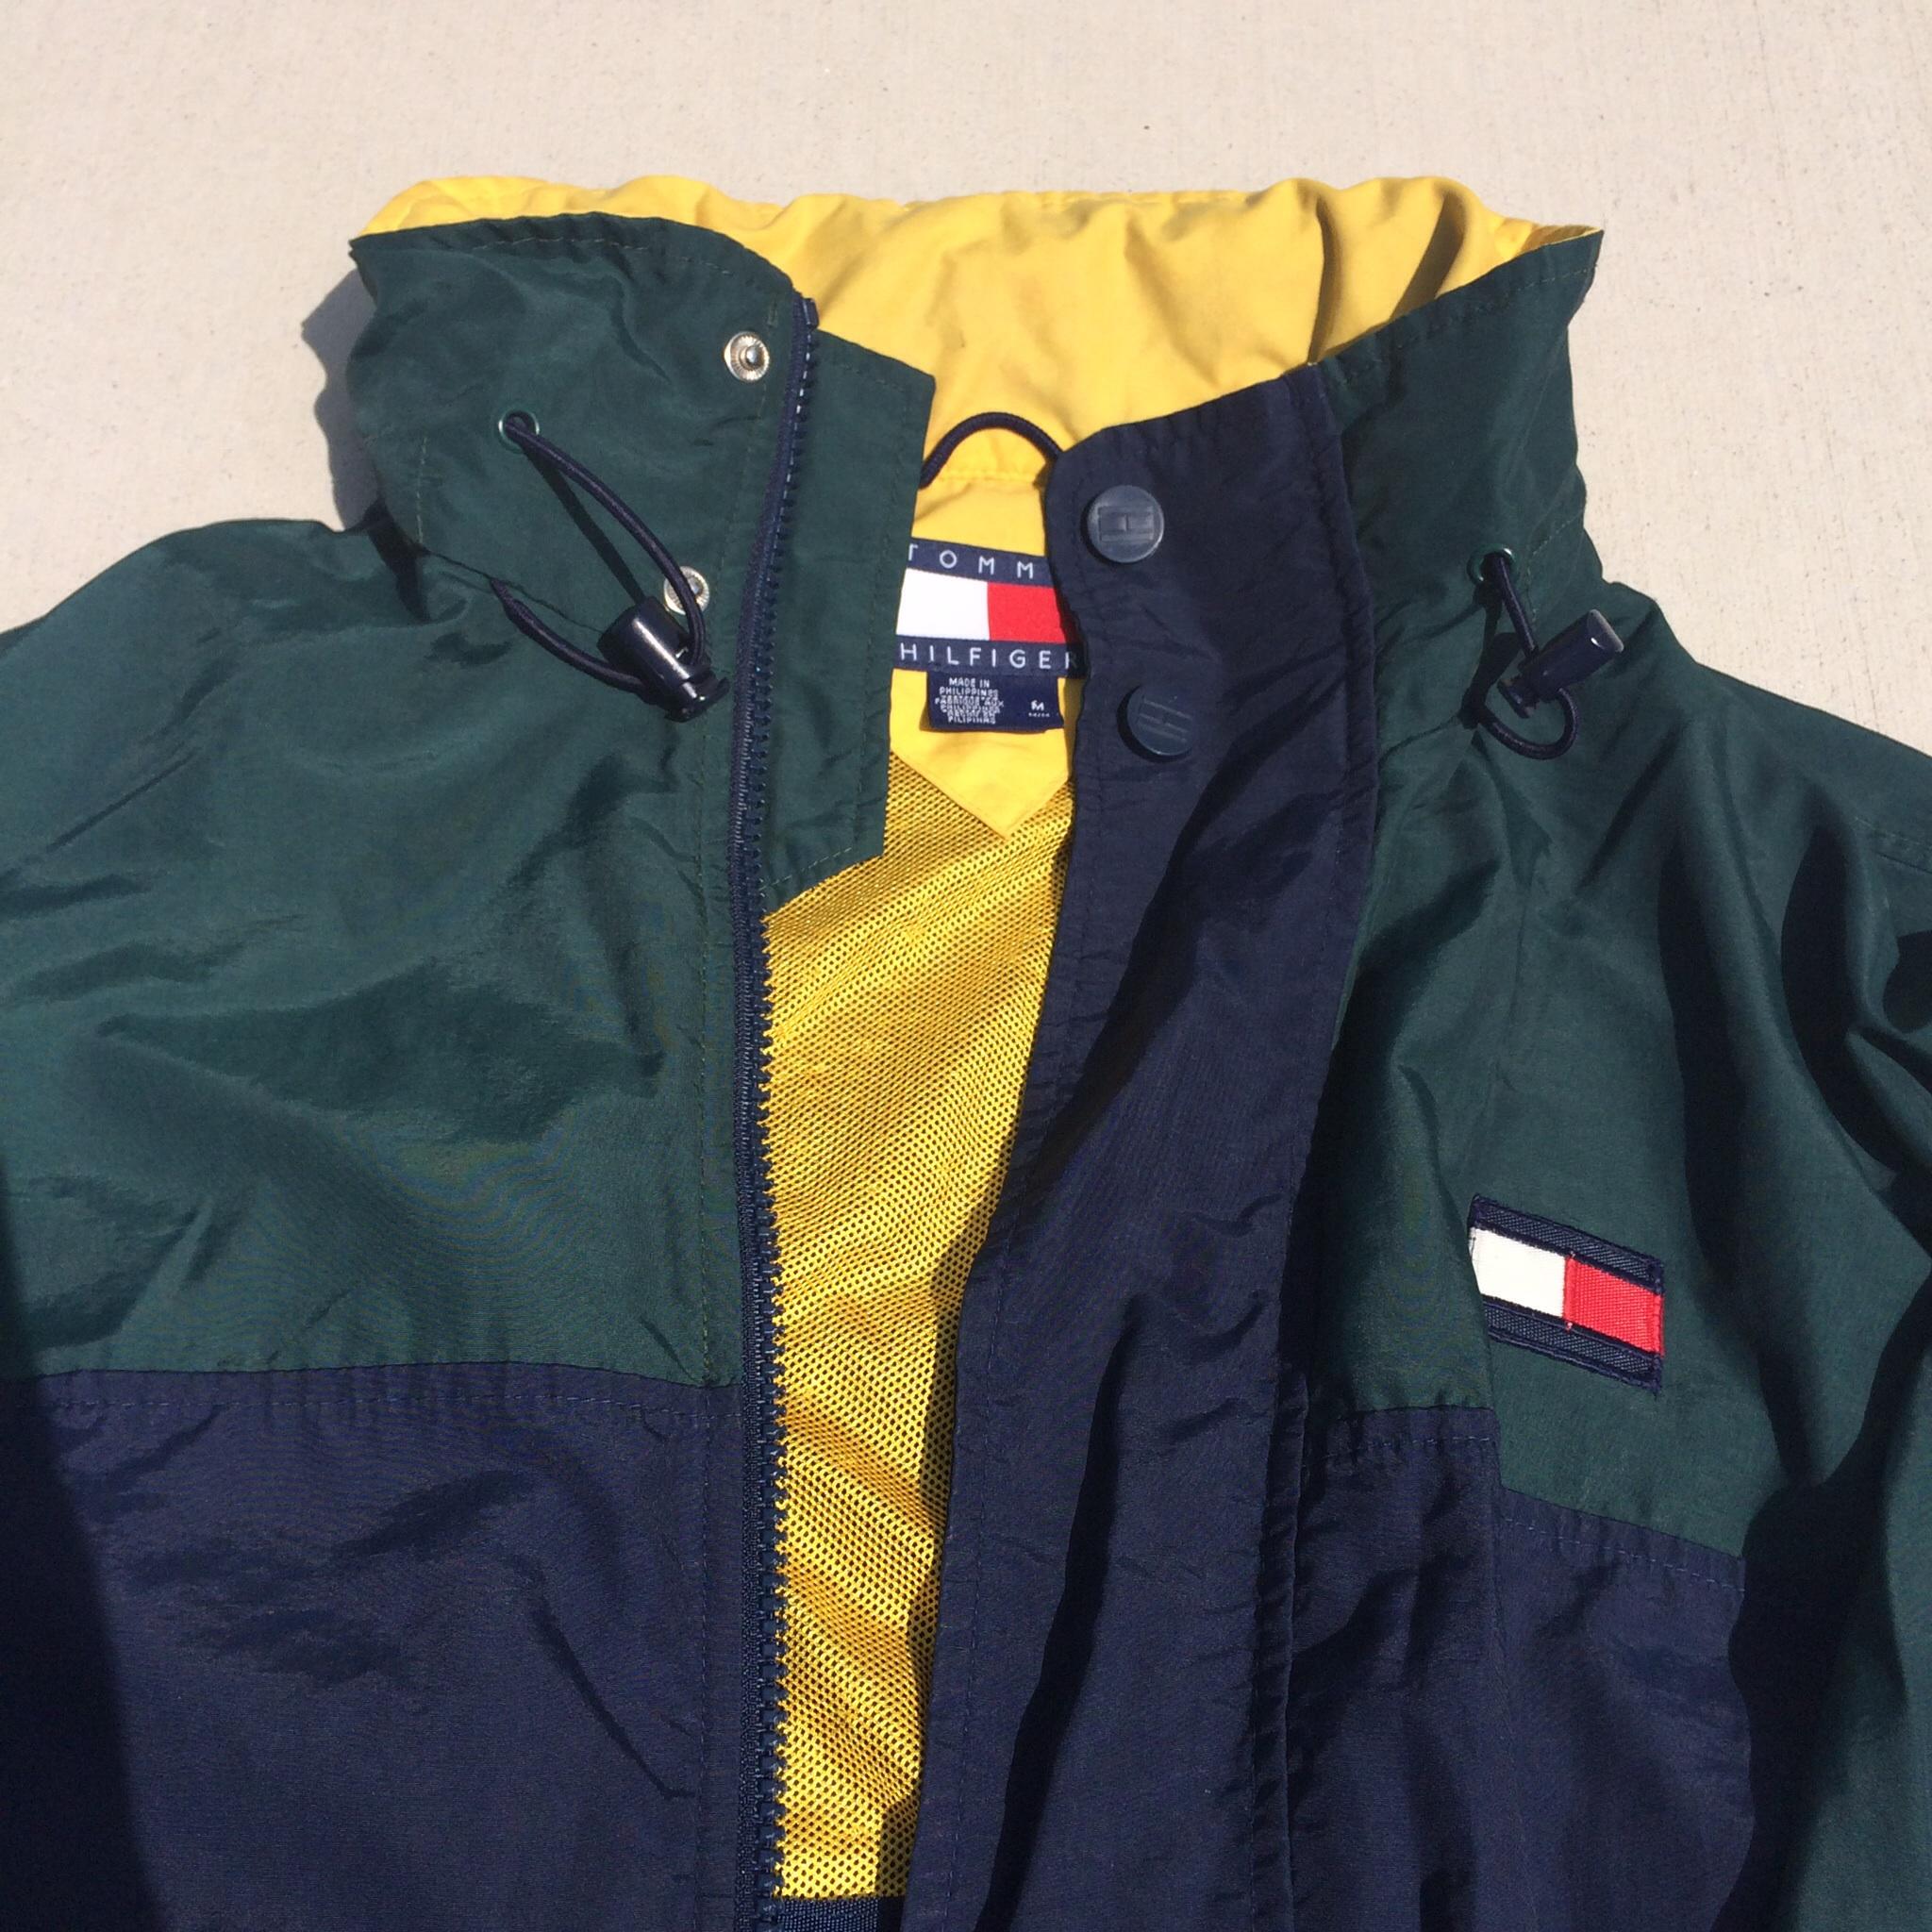 Sold Out Vintage Tommy Hilfiger Sailing Windbreaker Jacket On Storenvy